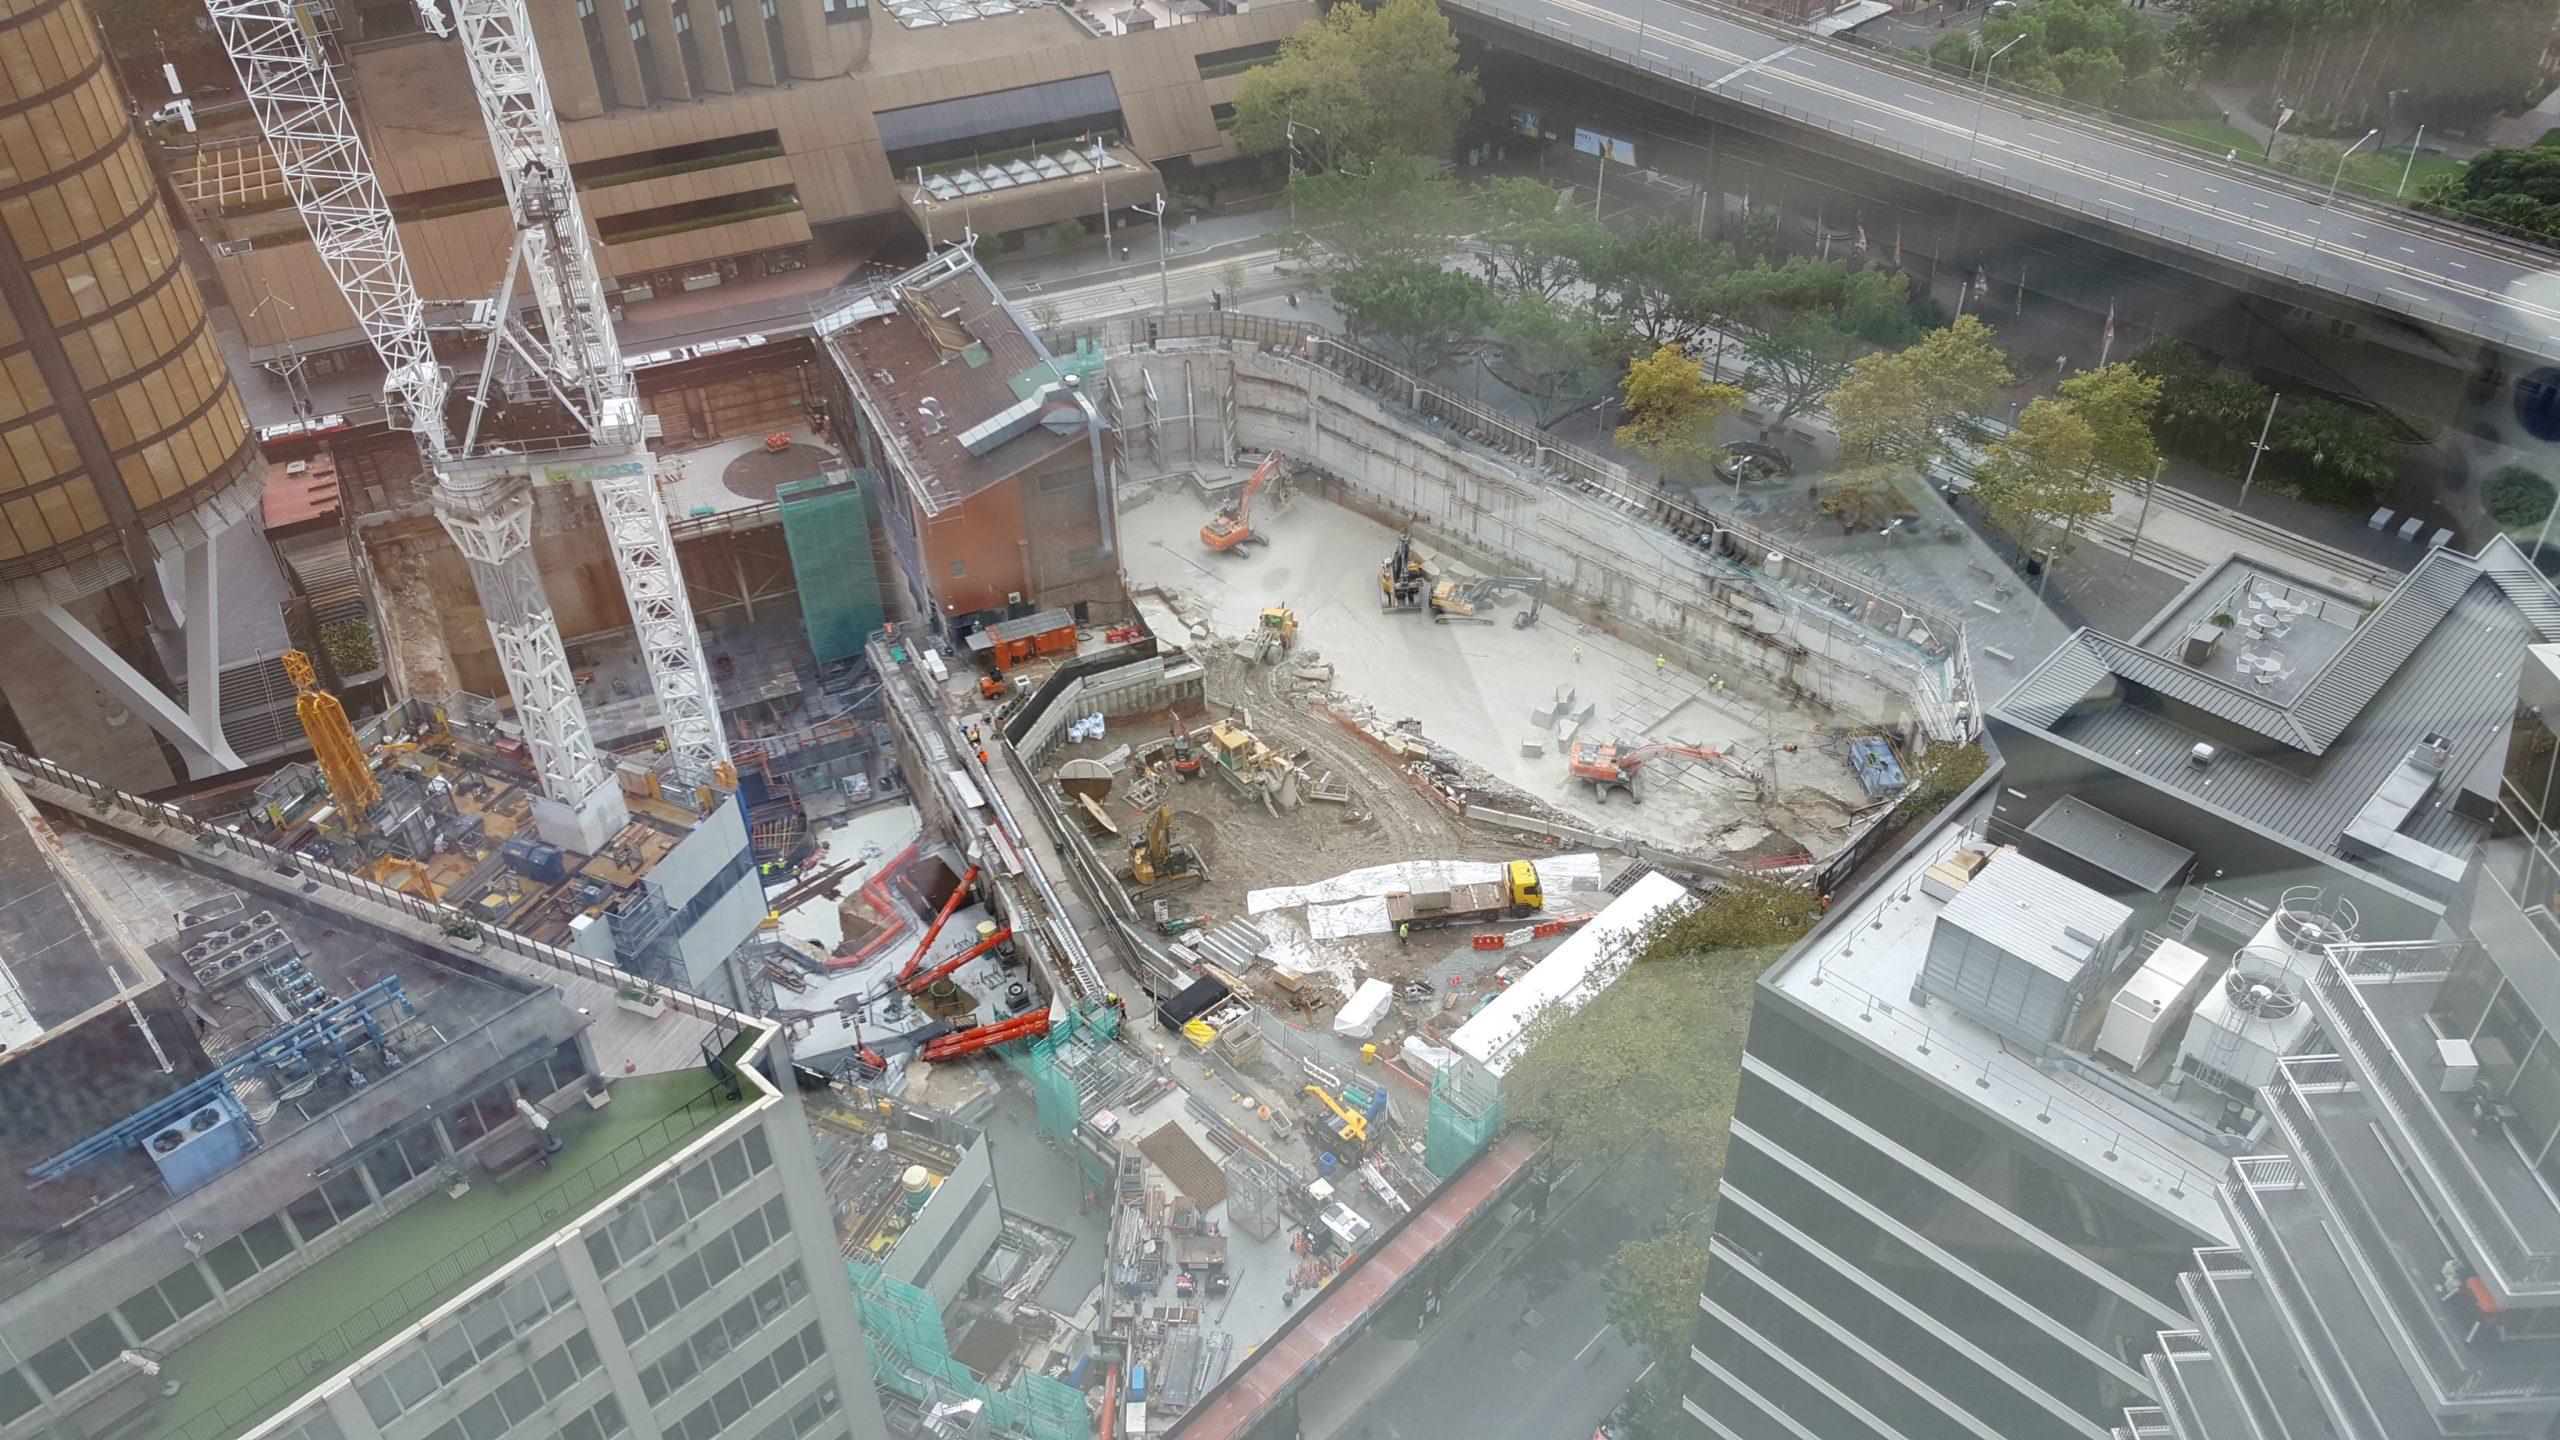 Construction site opposite Marriott Hotel overlooking Sydney Harbour